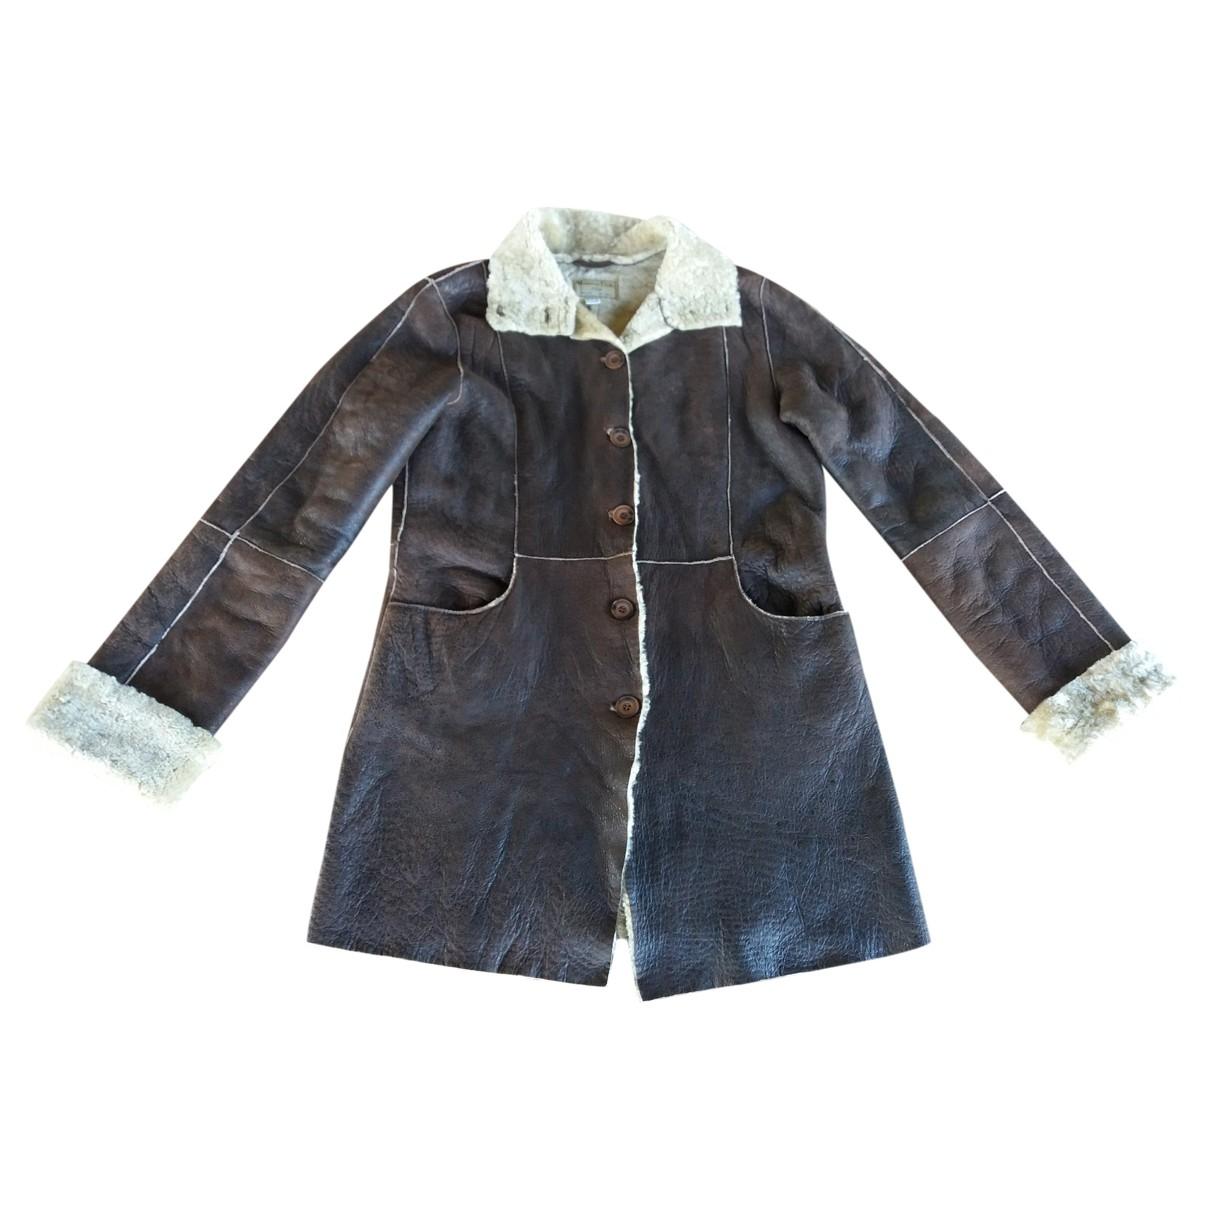 Massimo Dutti - Blousons.Manteaux   pour enfant en mouton - marron